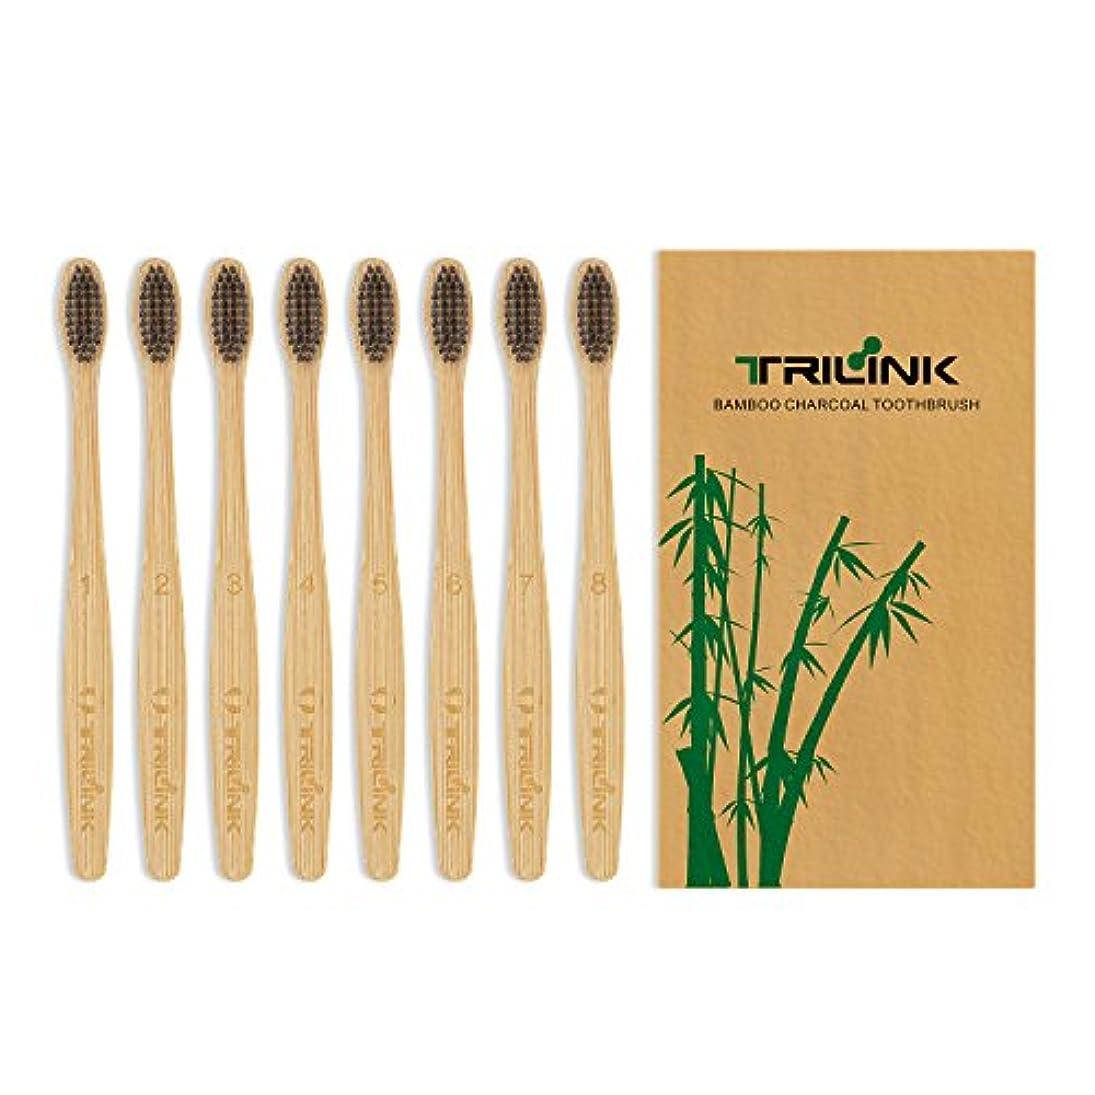 ネックレスハーネス変成器大人用竹の歯ブラシ(8本) 環境保護 天然の柔らかい ハブラシ【 活性炭を注入】